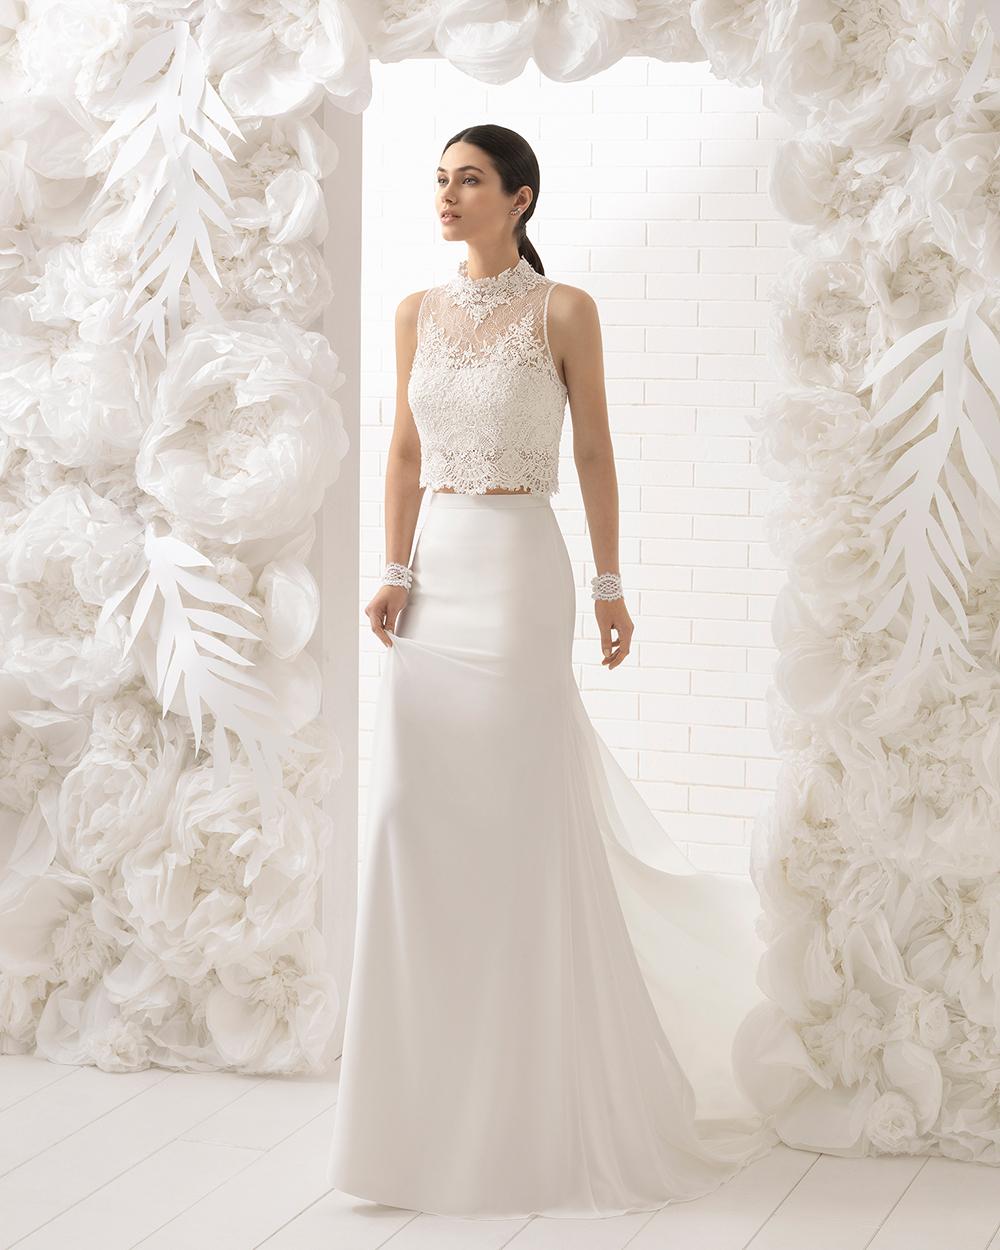 civil ceremony wedding dresses photo - 1